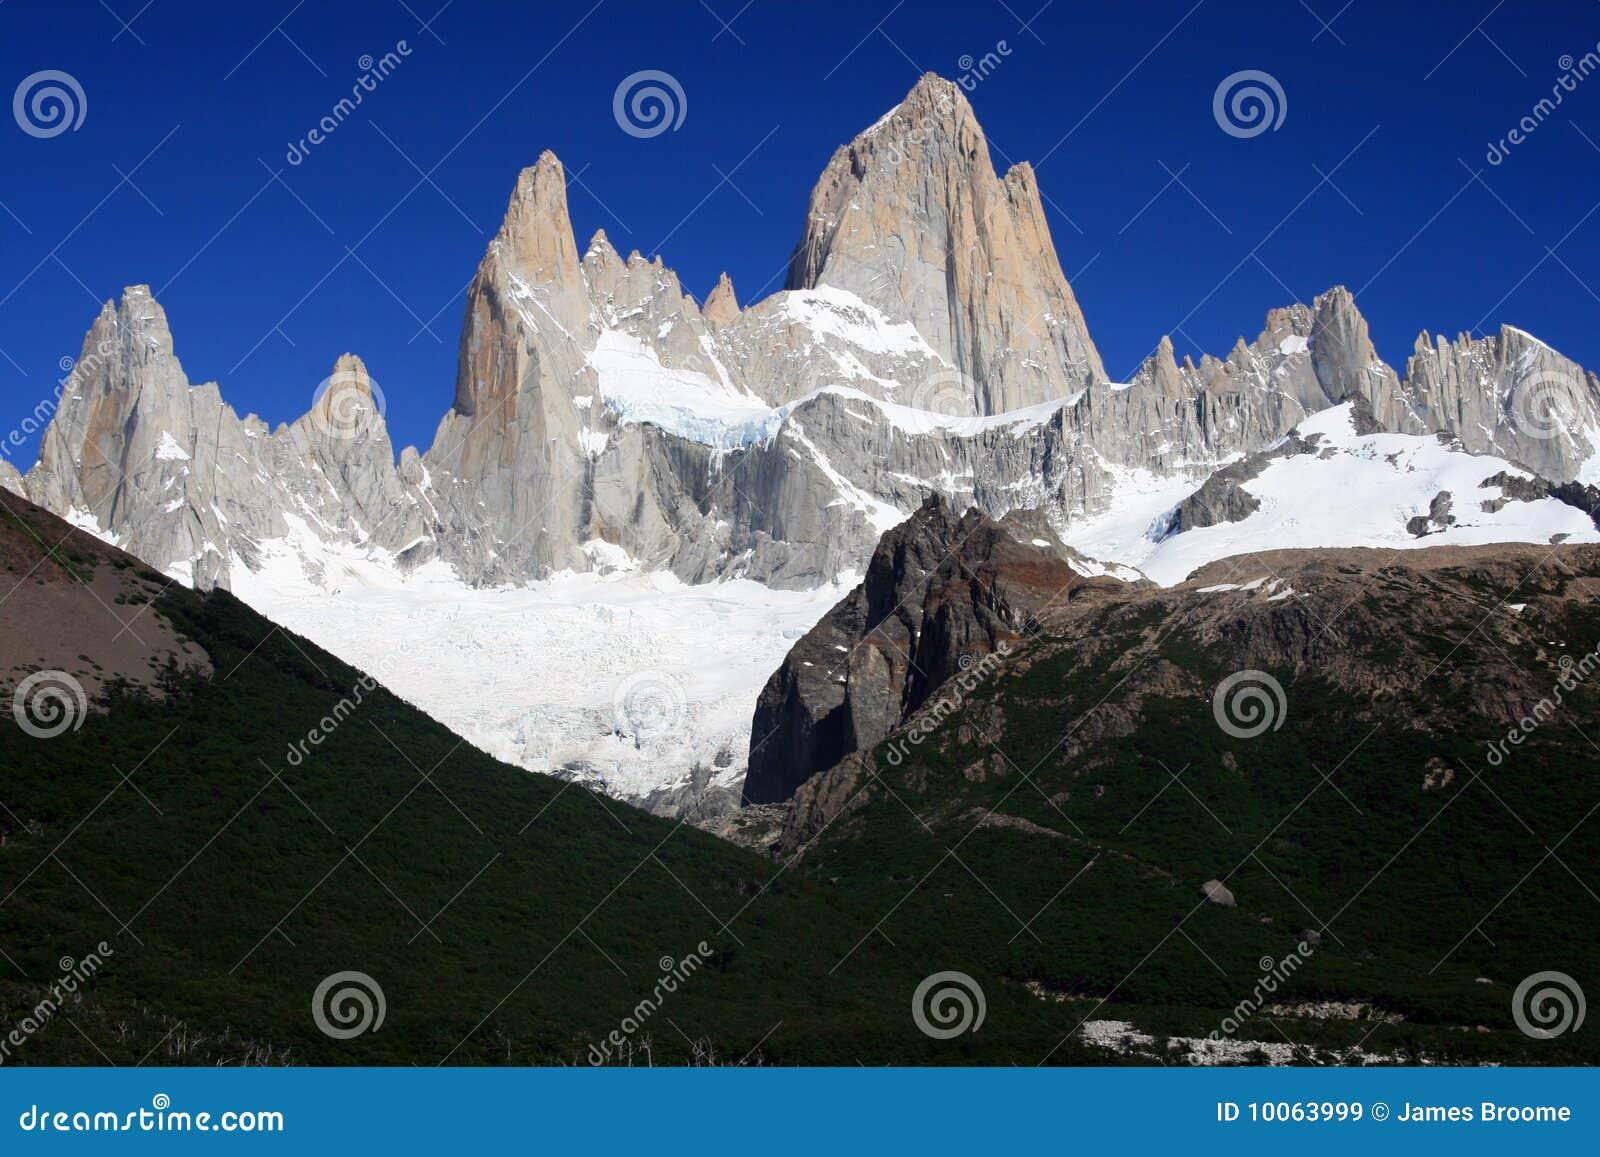 Monte o aka de Fitz Roy Argentina a montanha de fumo